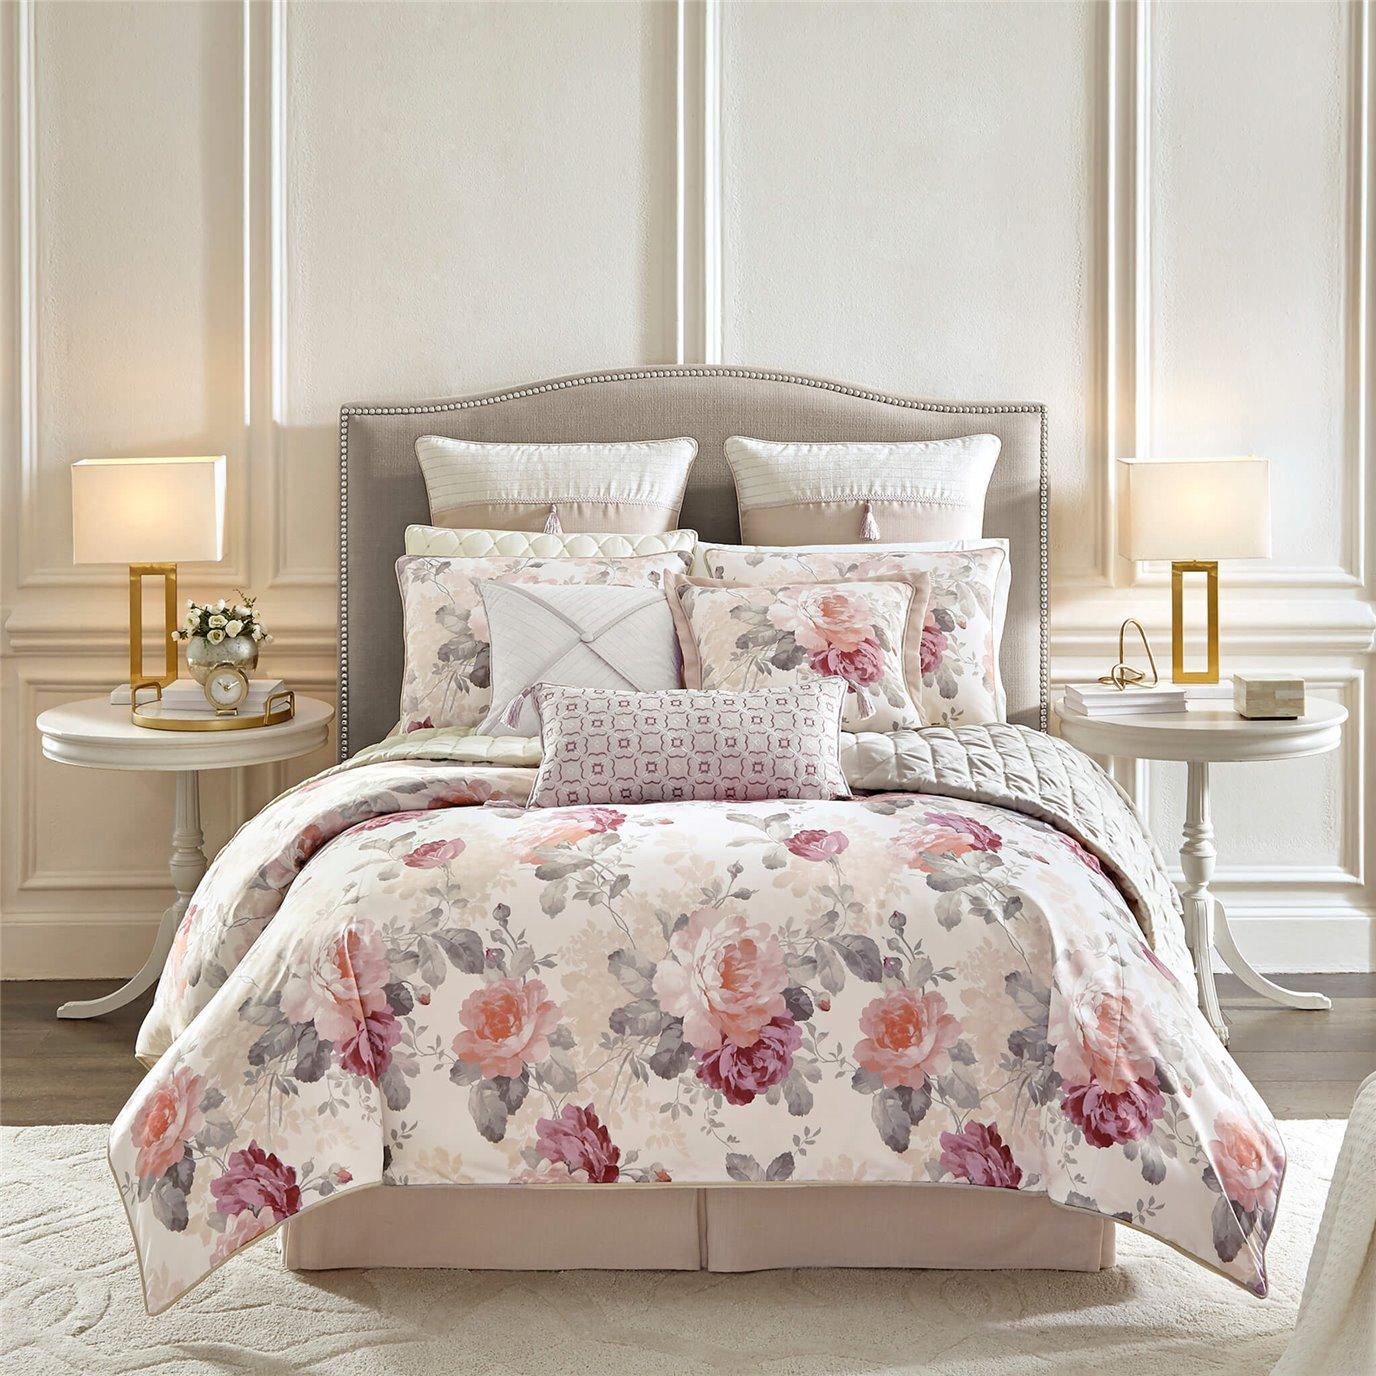 Croscill Bela Queen 4PC Comforter Set